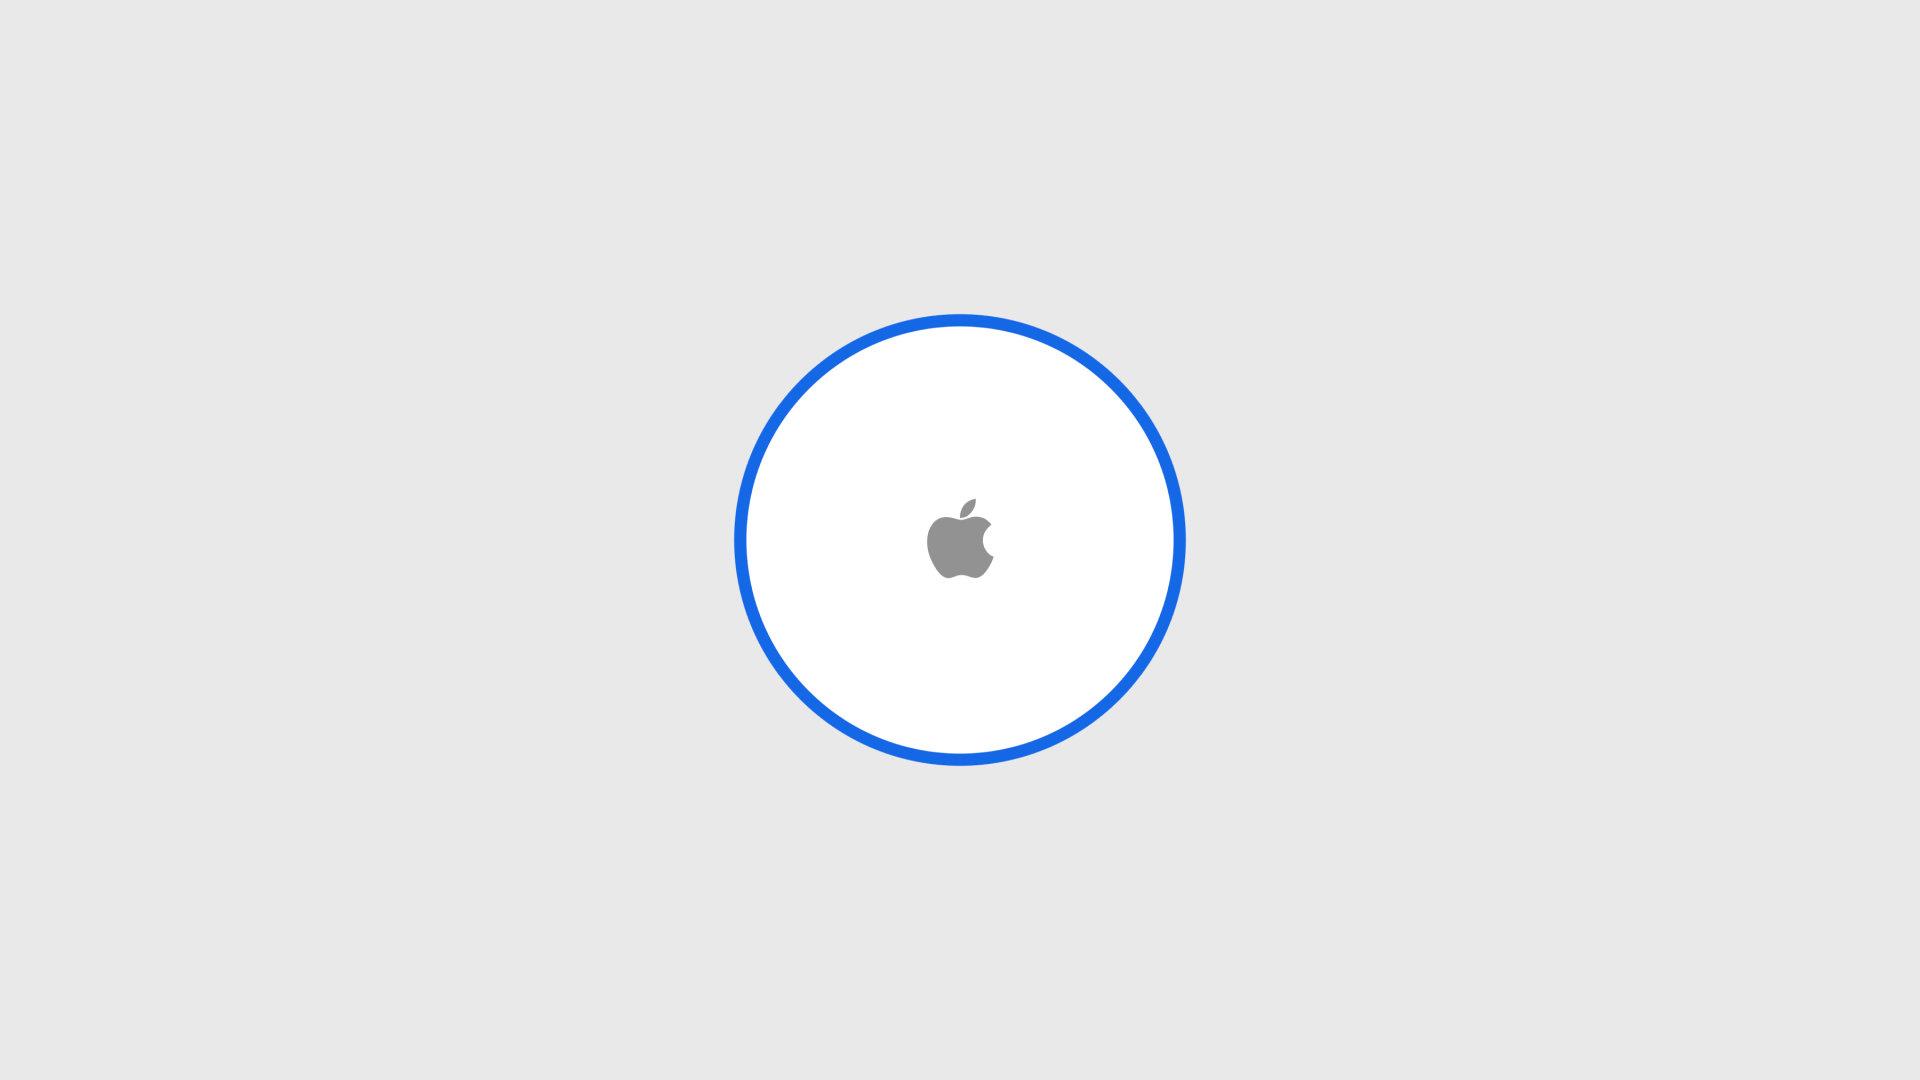 Apple Airtags : Tout Ce Que L'on Sait Sur Le Curieux Objet intérieur Porte Clef Pour Ne Pas Perdre Ses Clefs